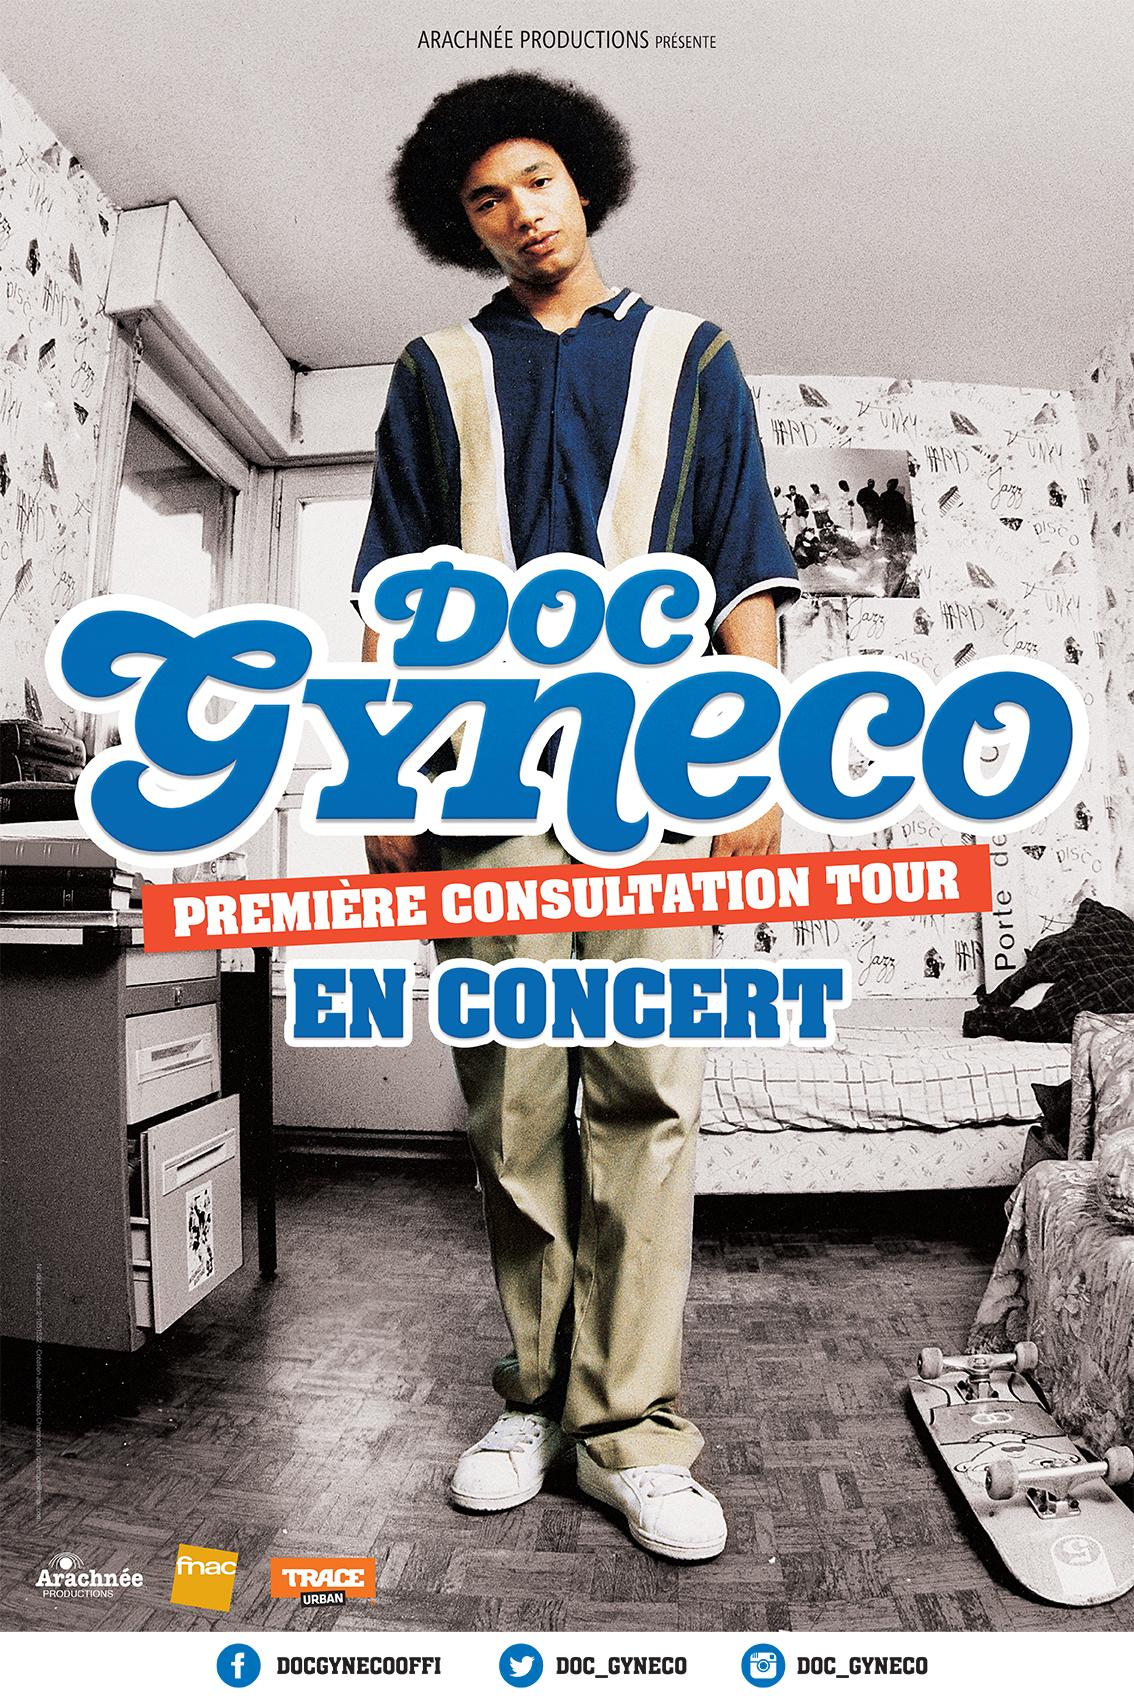 doc-gyneco-premiere-consultation-tour-concert-marseille